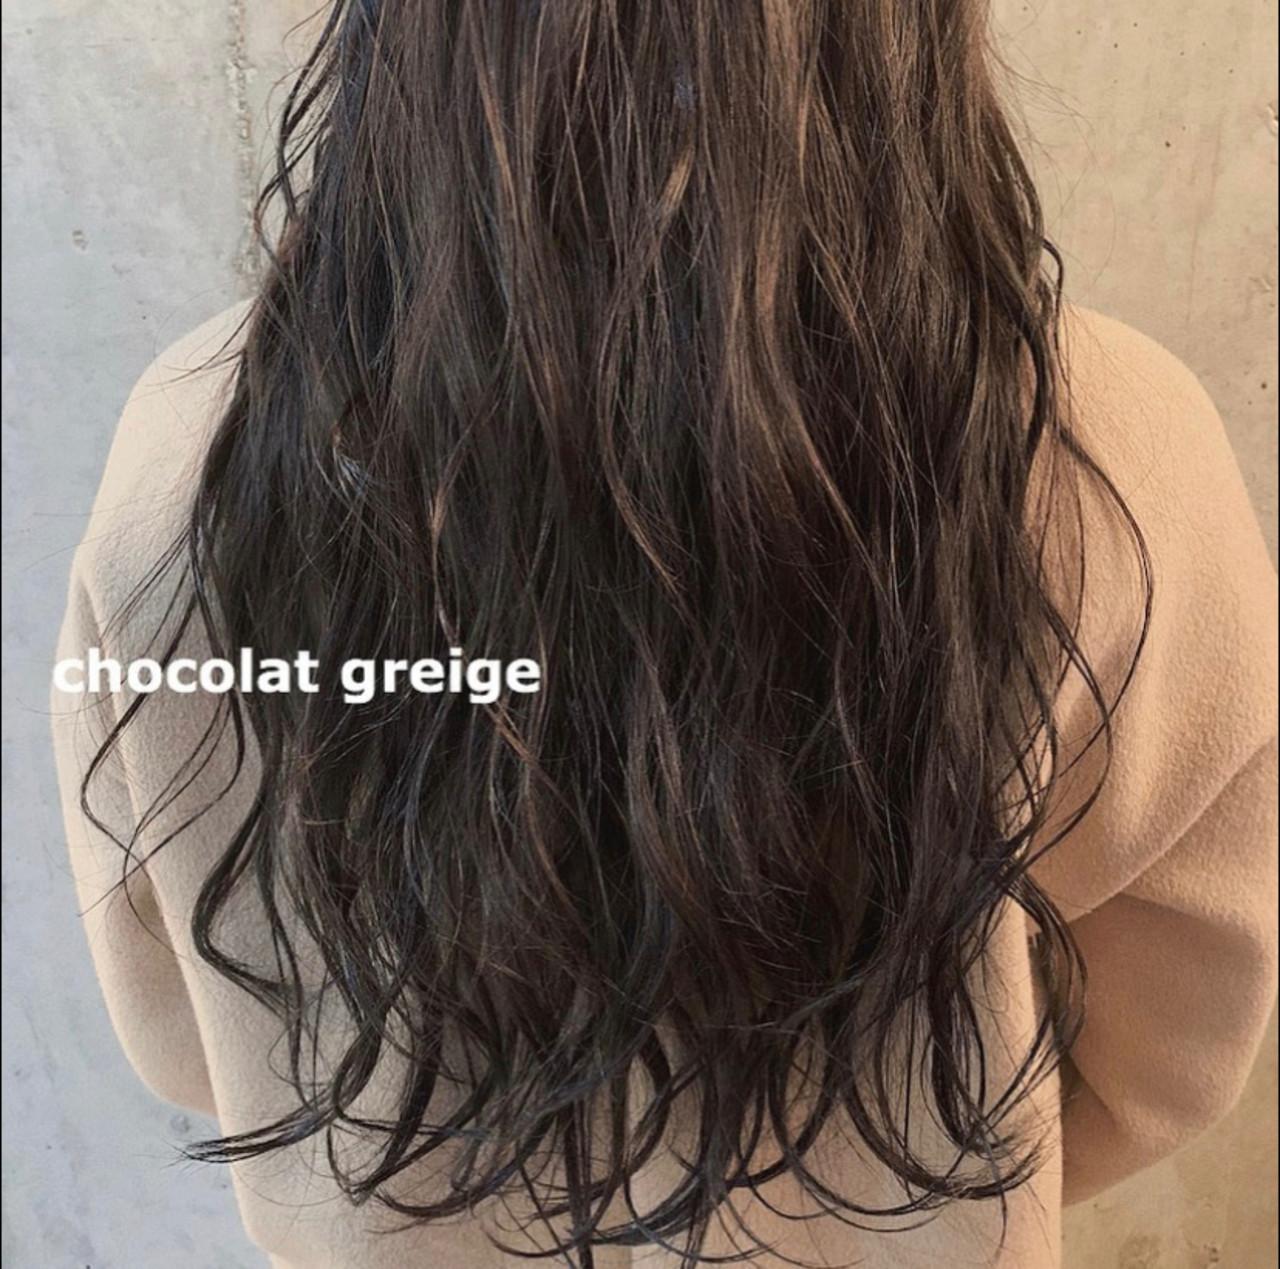 エレガント グレージュ 暗髪 ショコラブラウン ヘアスタイルや髪型の写真・画像